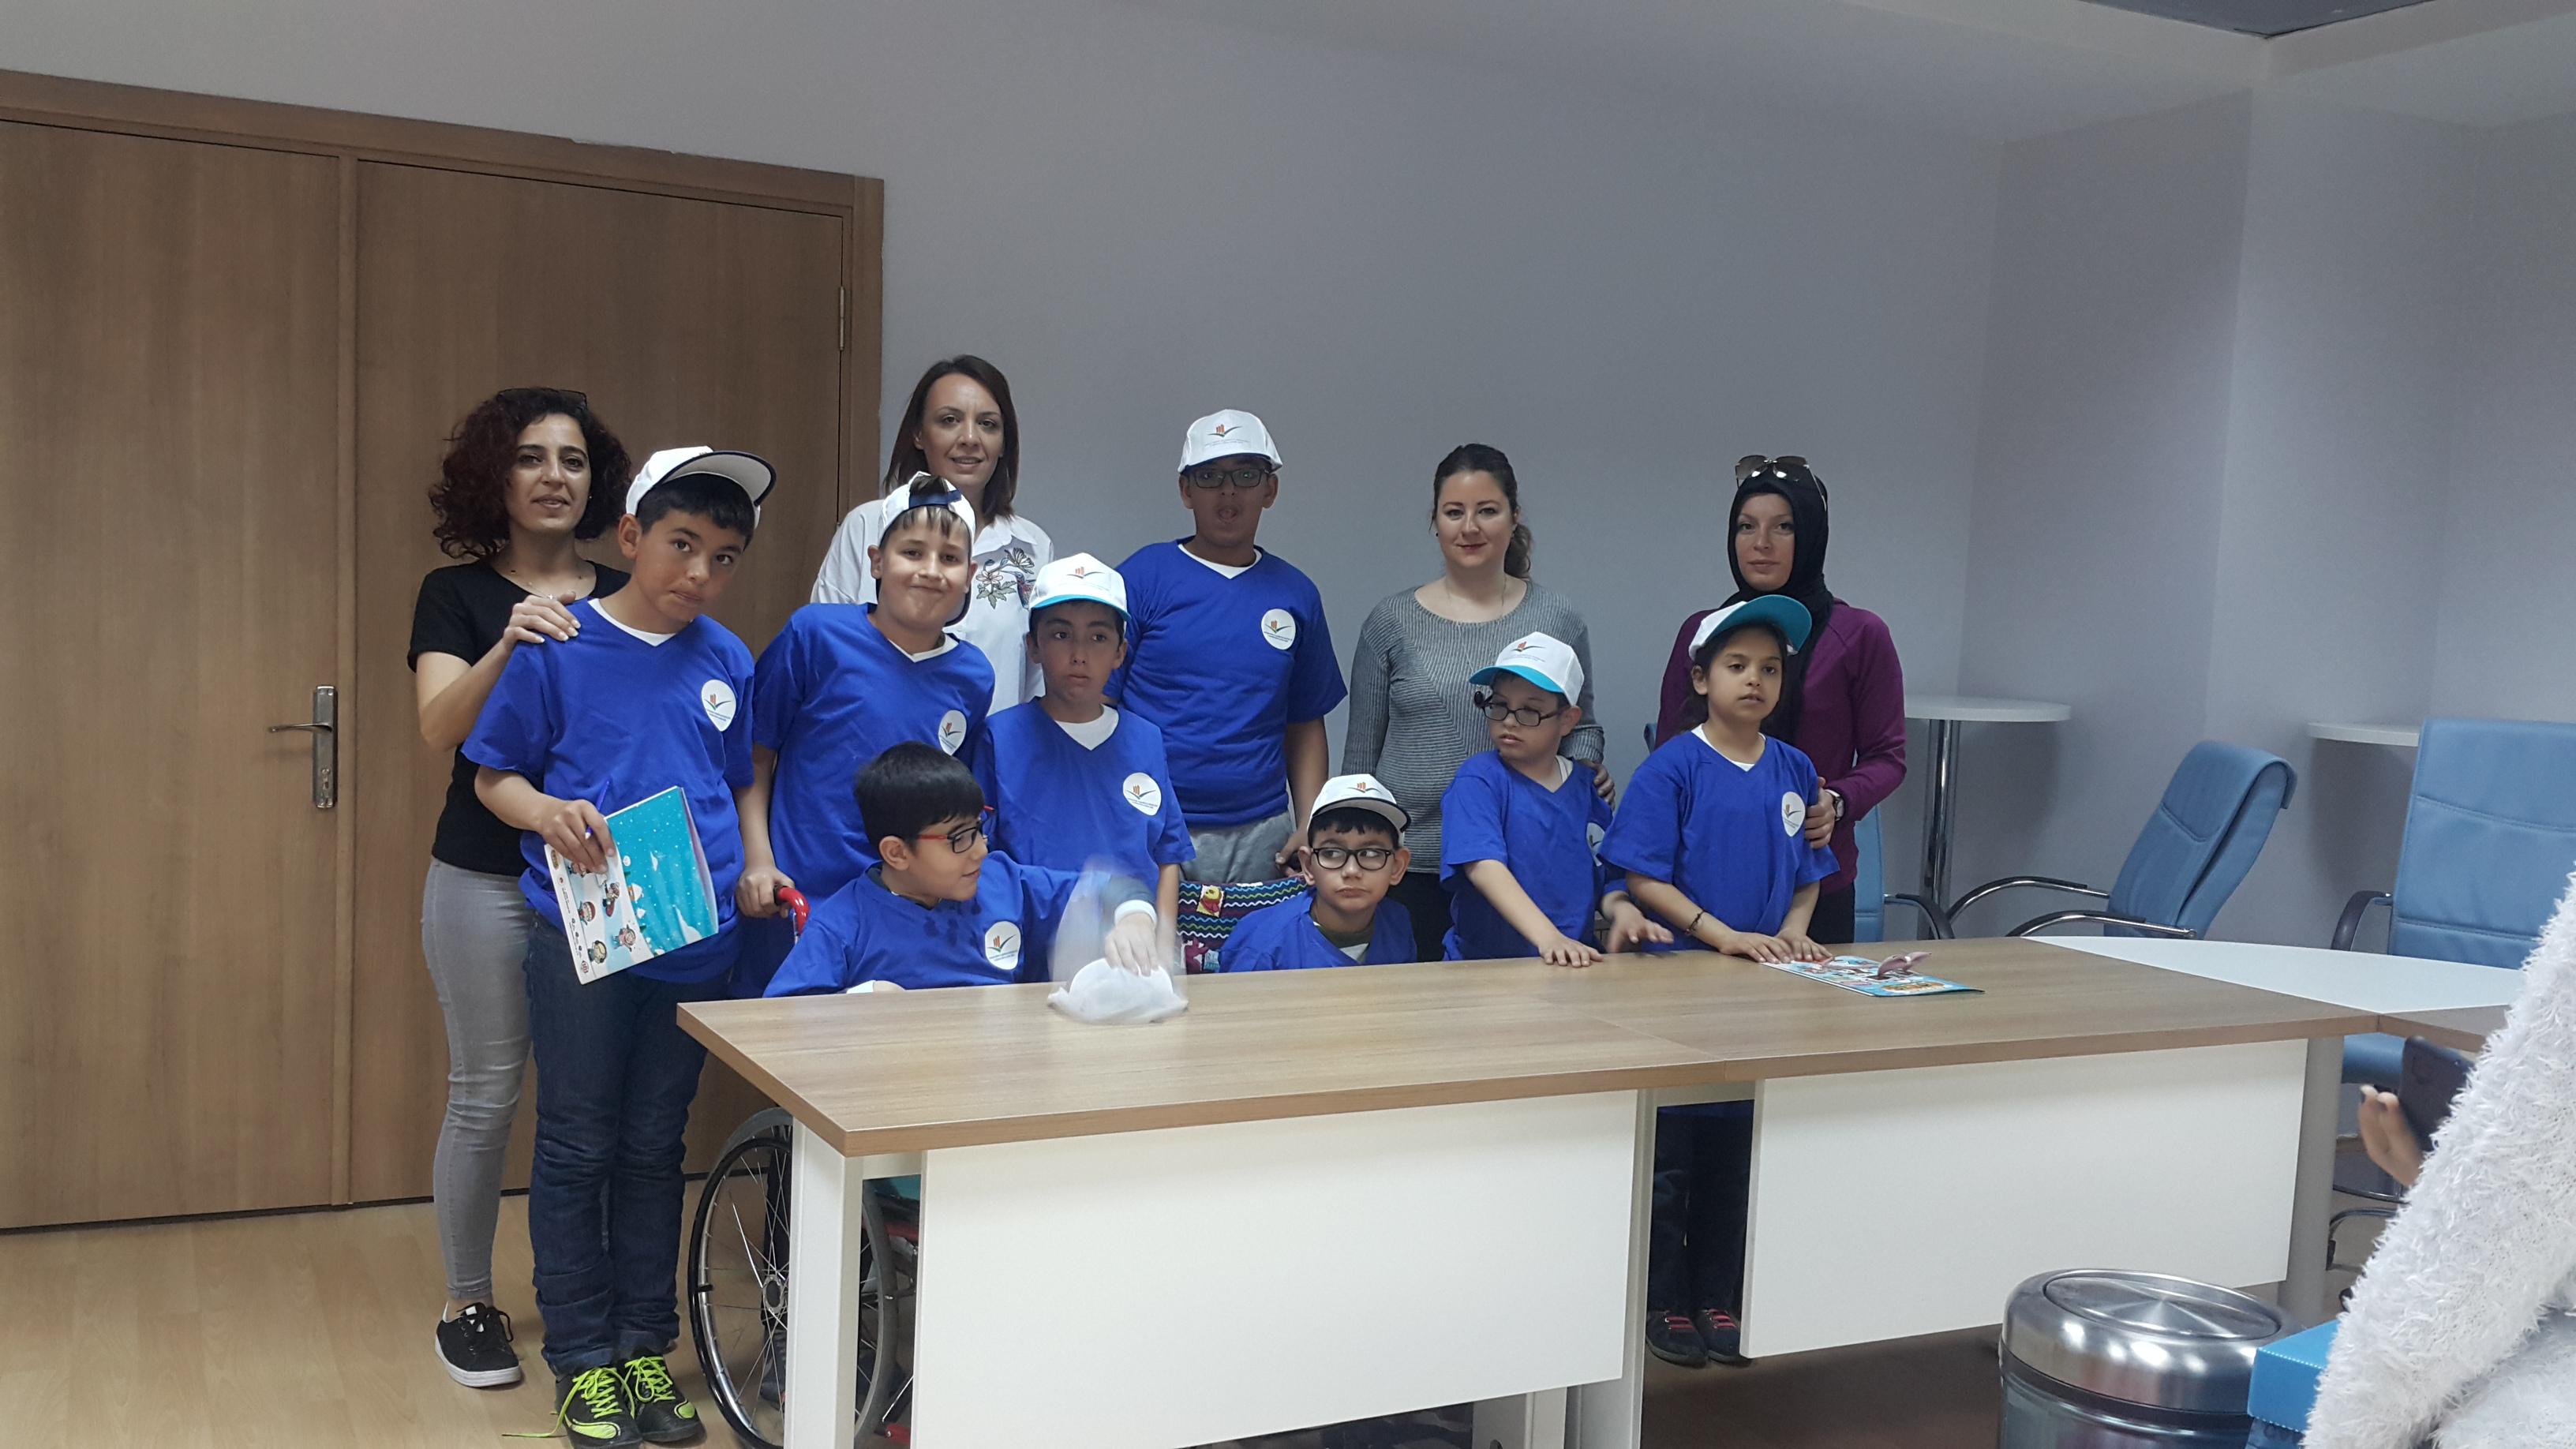 Burdur Özürlüler Derneği Özel Eğitim İlkokulu öğrencileri sıfır atık projesi kapsamında İl Müdürlüğümüzü ziyarette bulundular